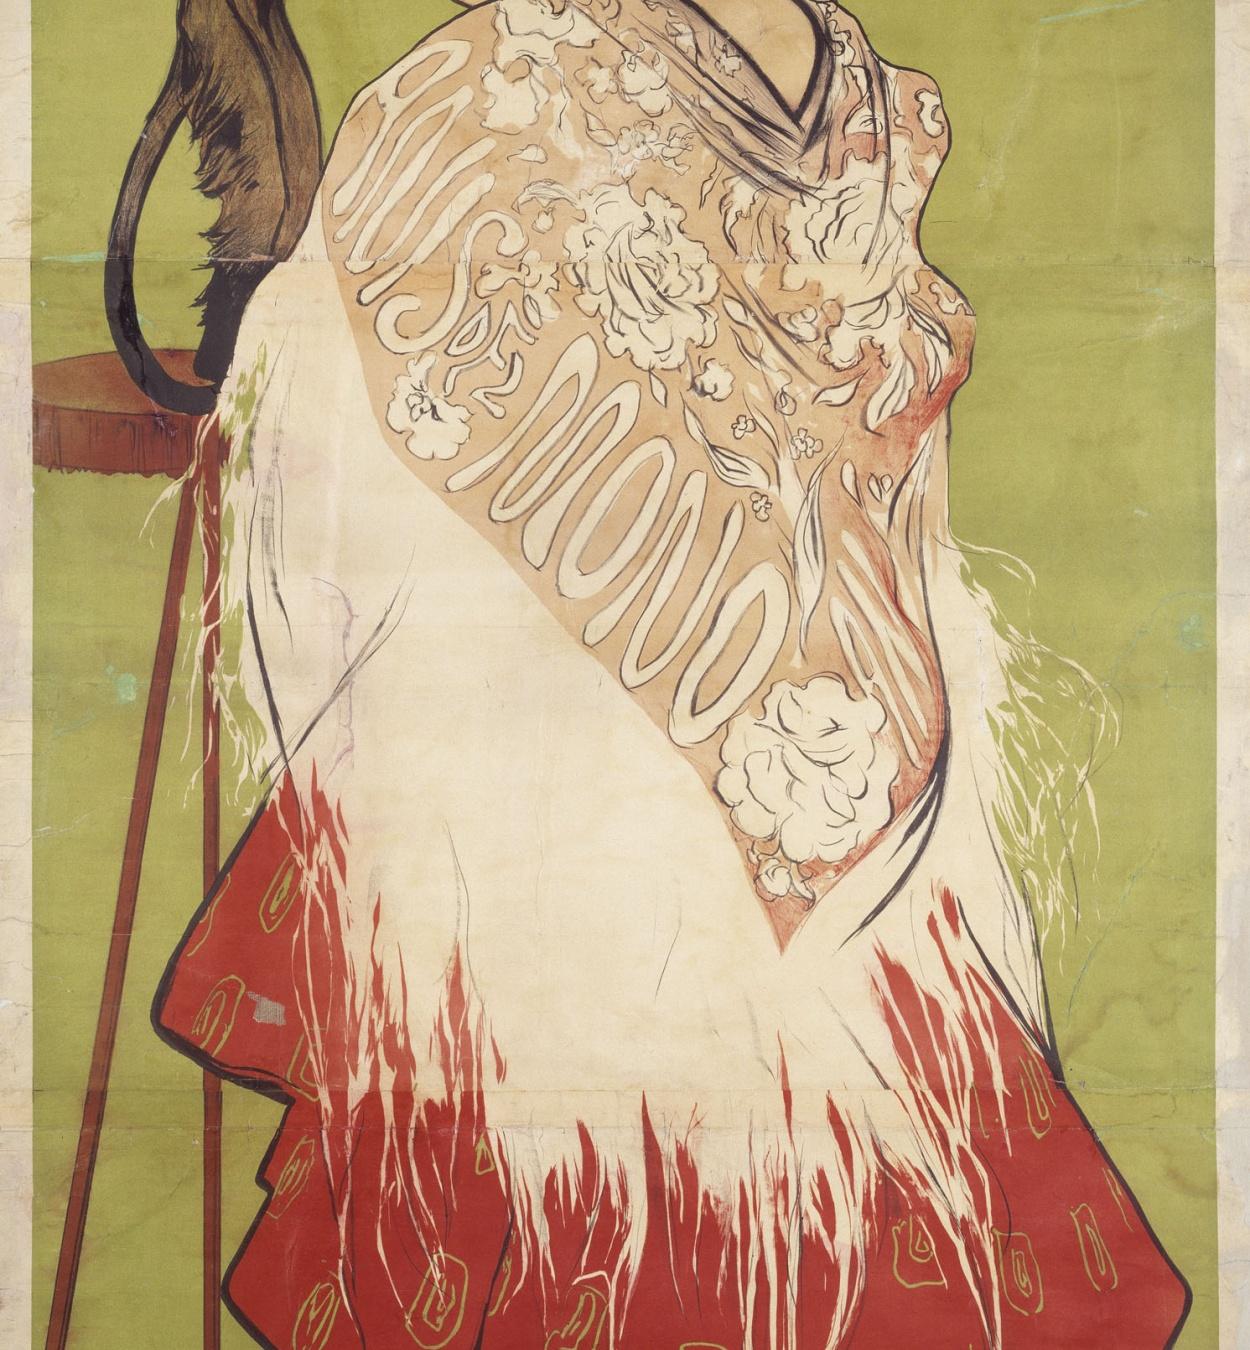 Ramon Casas - Anís del Mono (Con una falda de percal planchá) (In a pressed percale skirt) - 1898